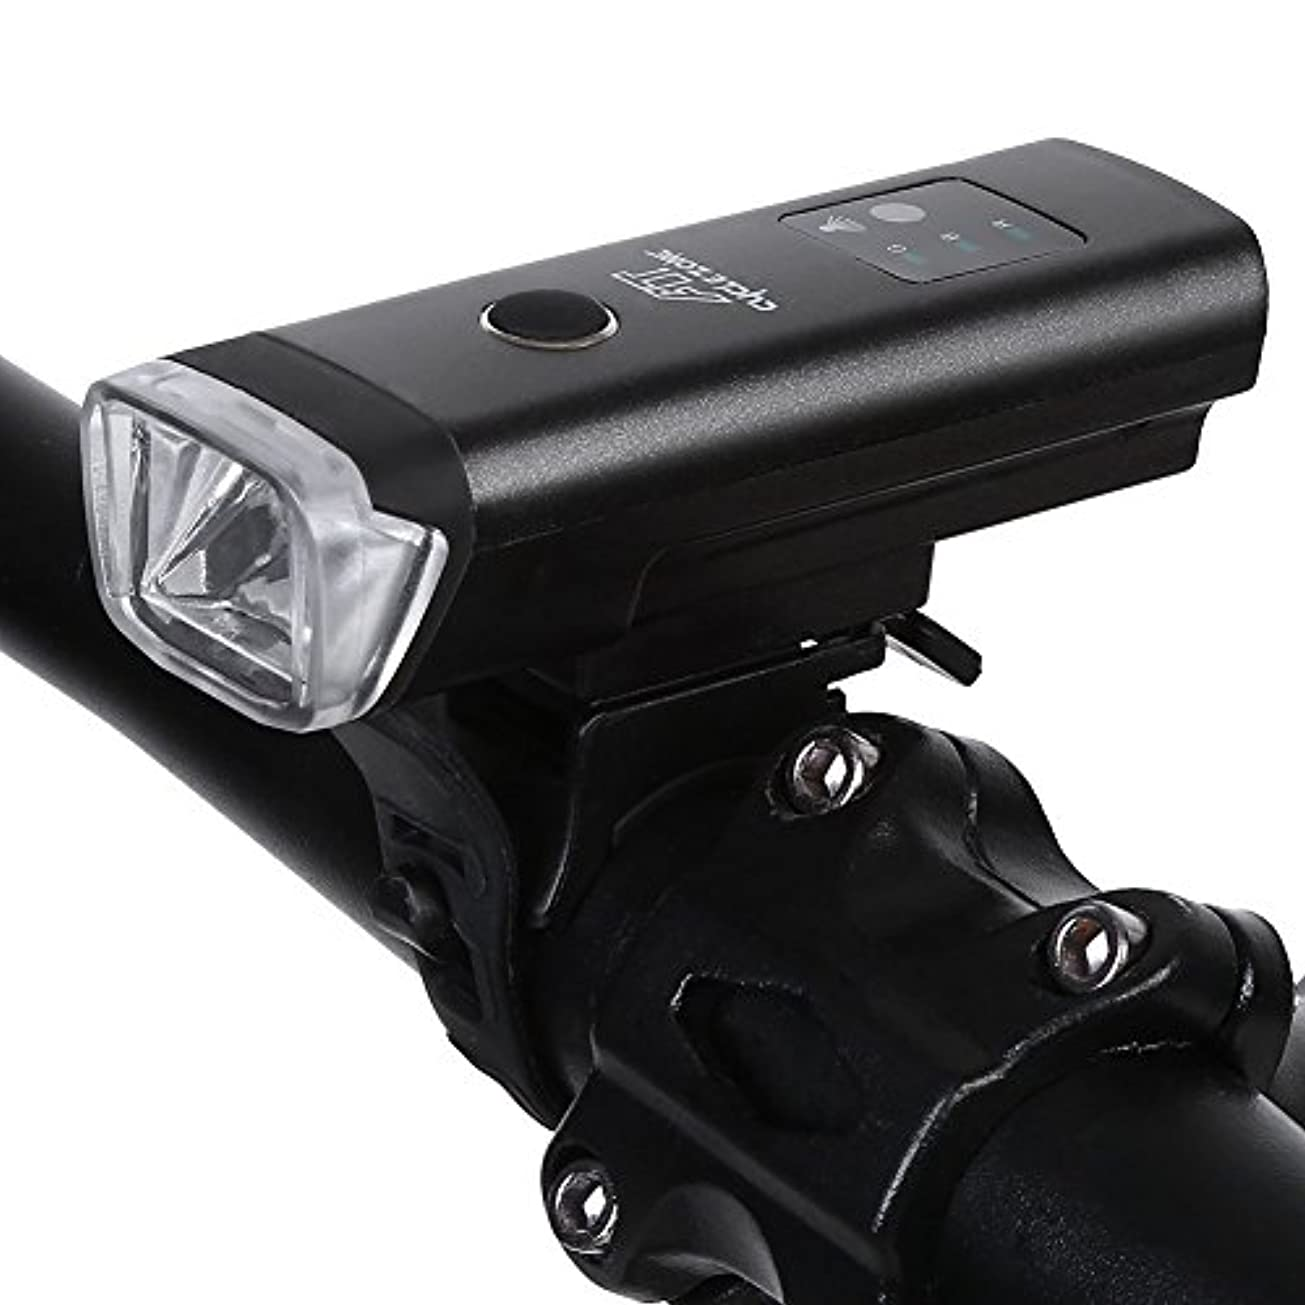 連隊切り離す集計Eboxer 自転車ヘッドライト 自転車ライト USB充電式 LEDヘッドライト 高輝度 智能感応